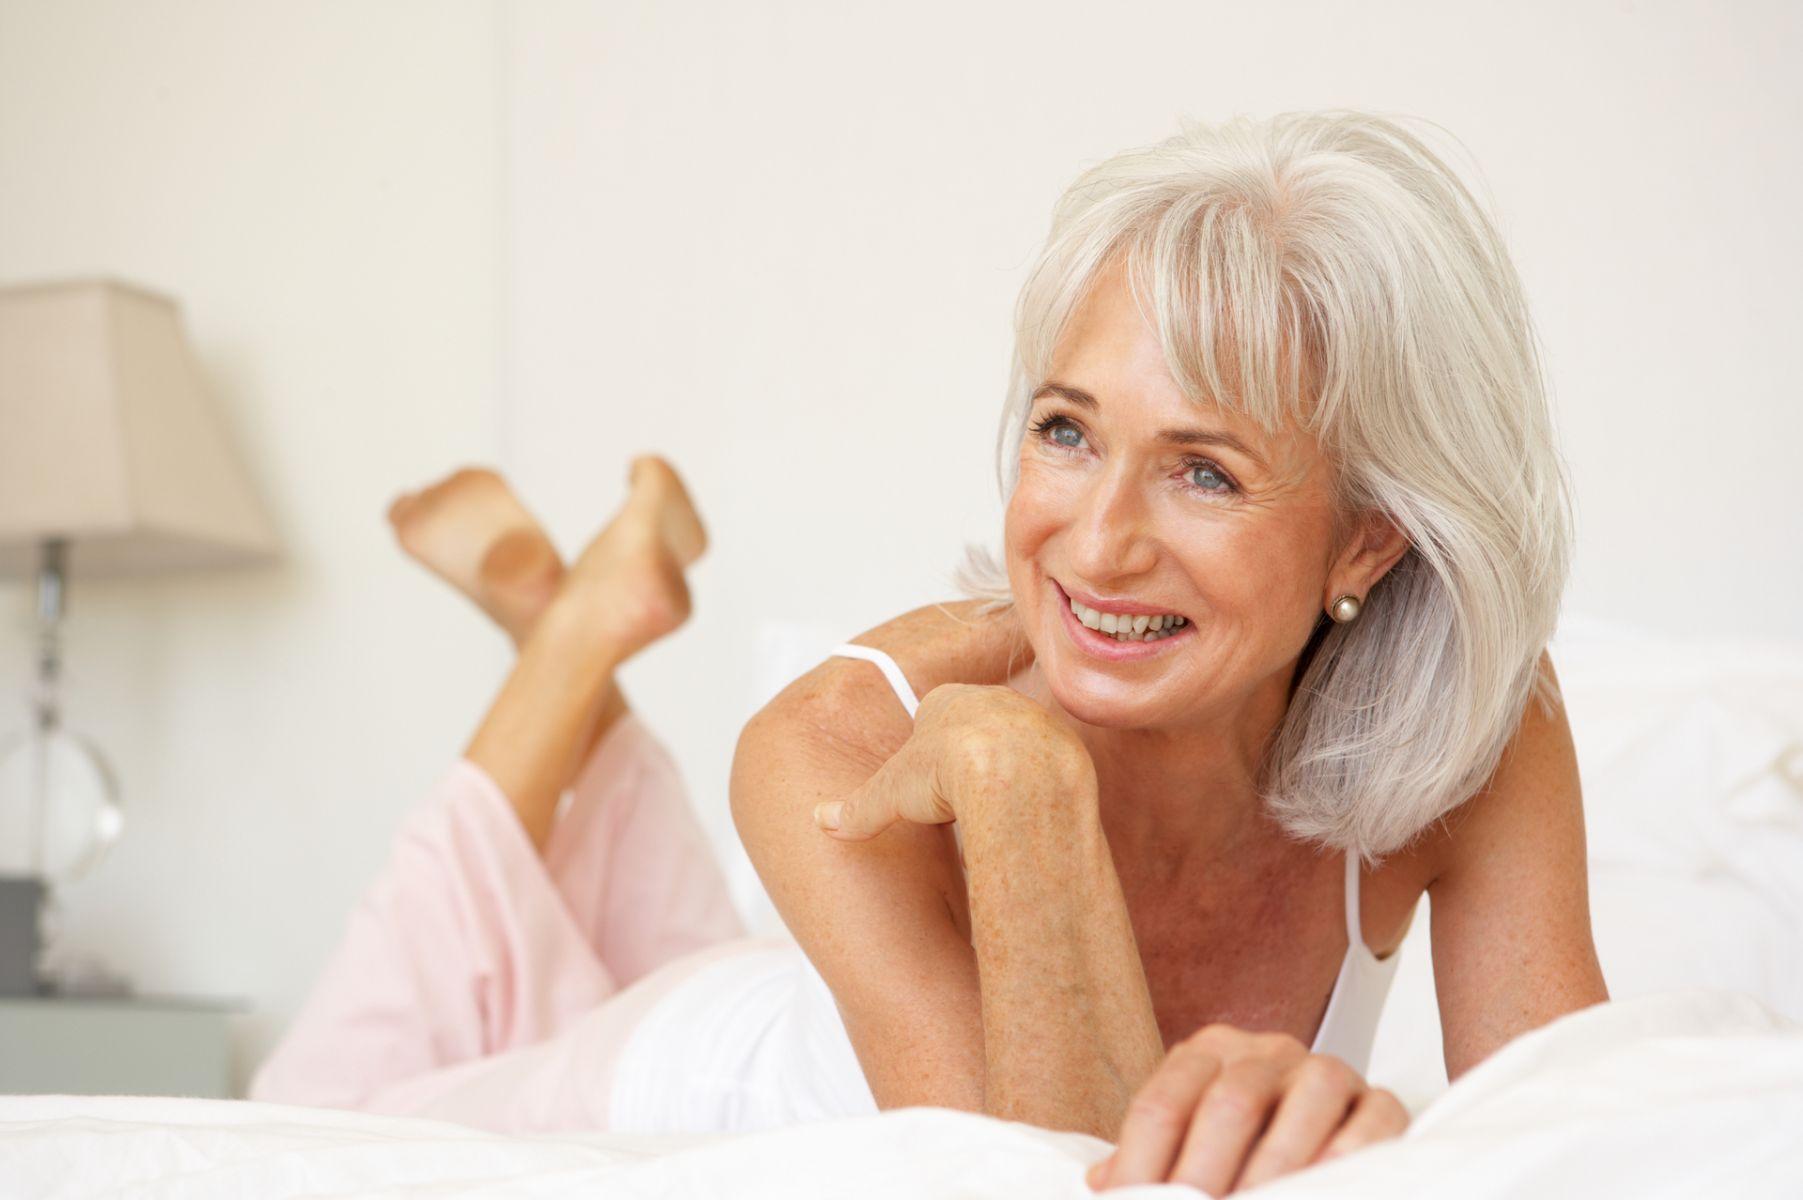 有了年紀依然能抬頭挺胸!挑對內在美,穿出舒適與自信